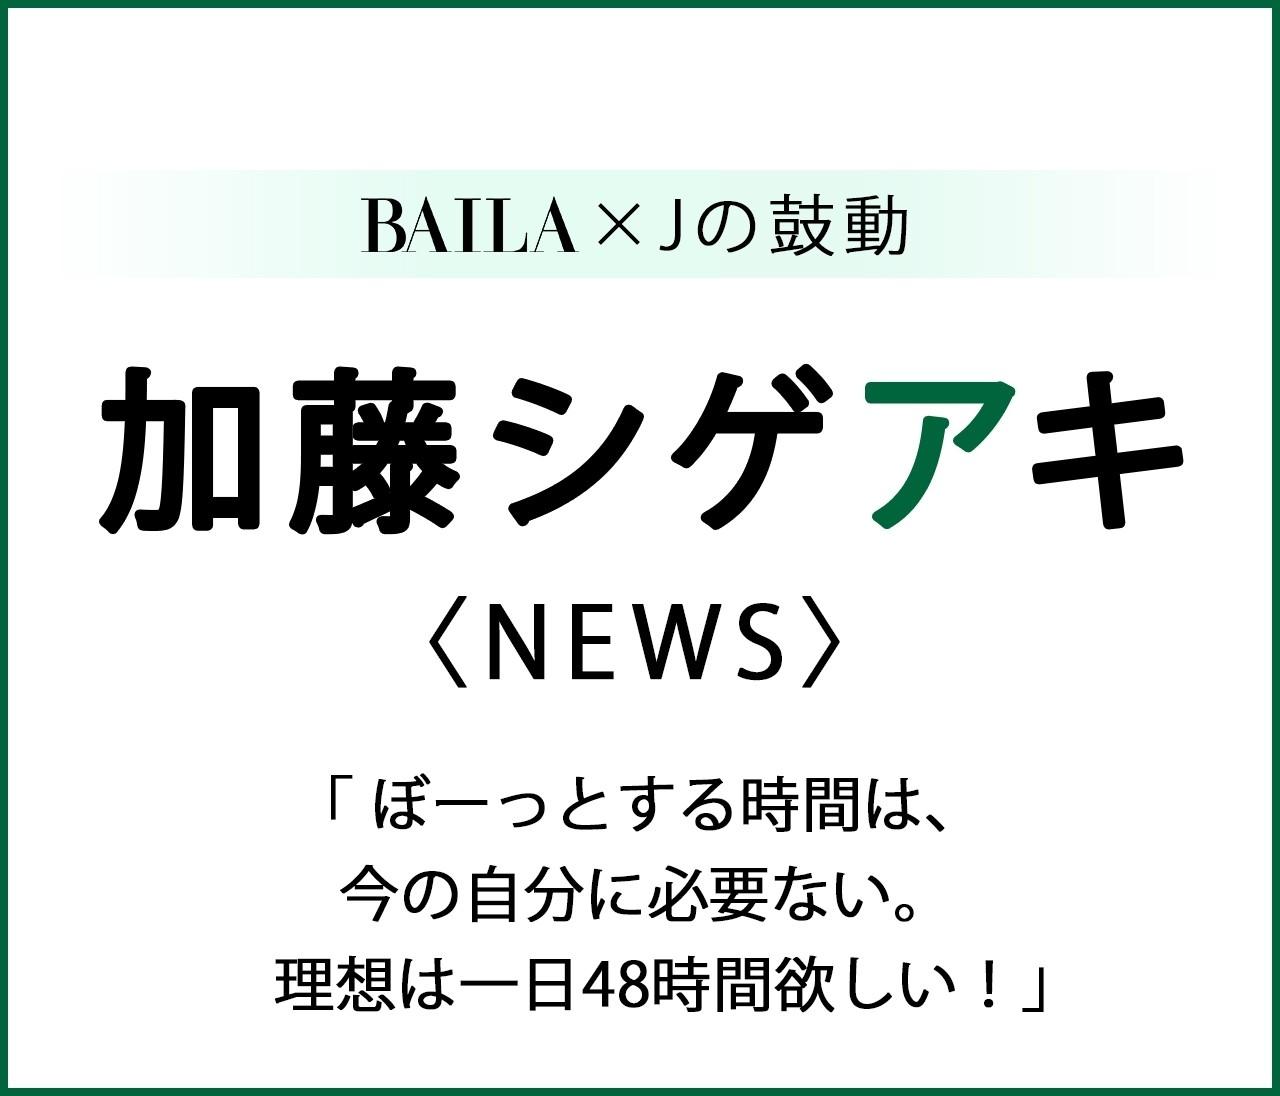 【 #NEWS #加藤シゲアキ 】NEWS 加藤シゲアキ スペシャルインタビュー《前編》【BAILA × Jの鼓動】